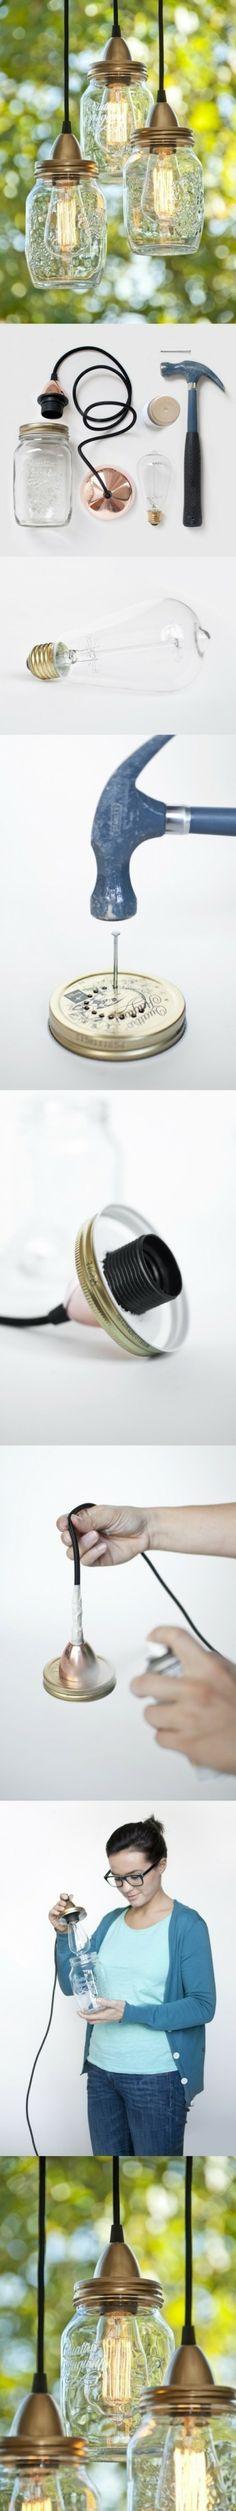 D.I.Y. maak je eigen lamp 100%stoer!